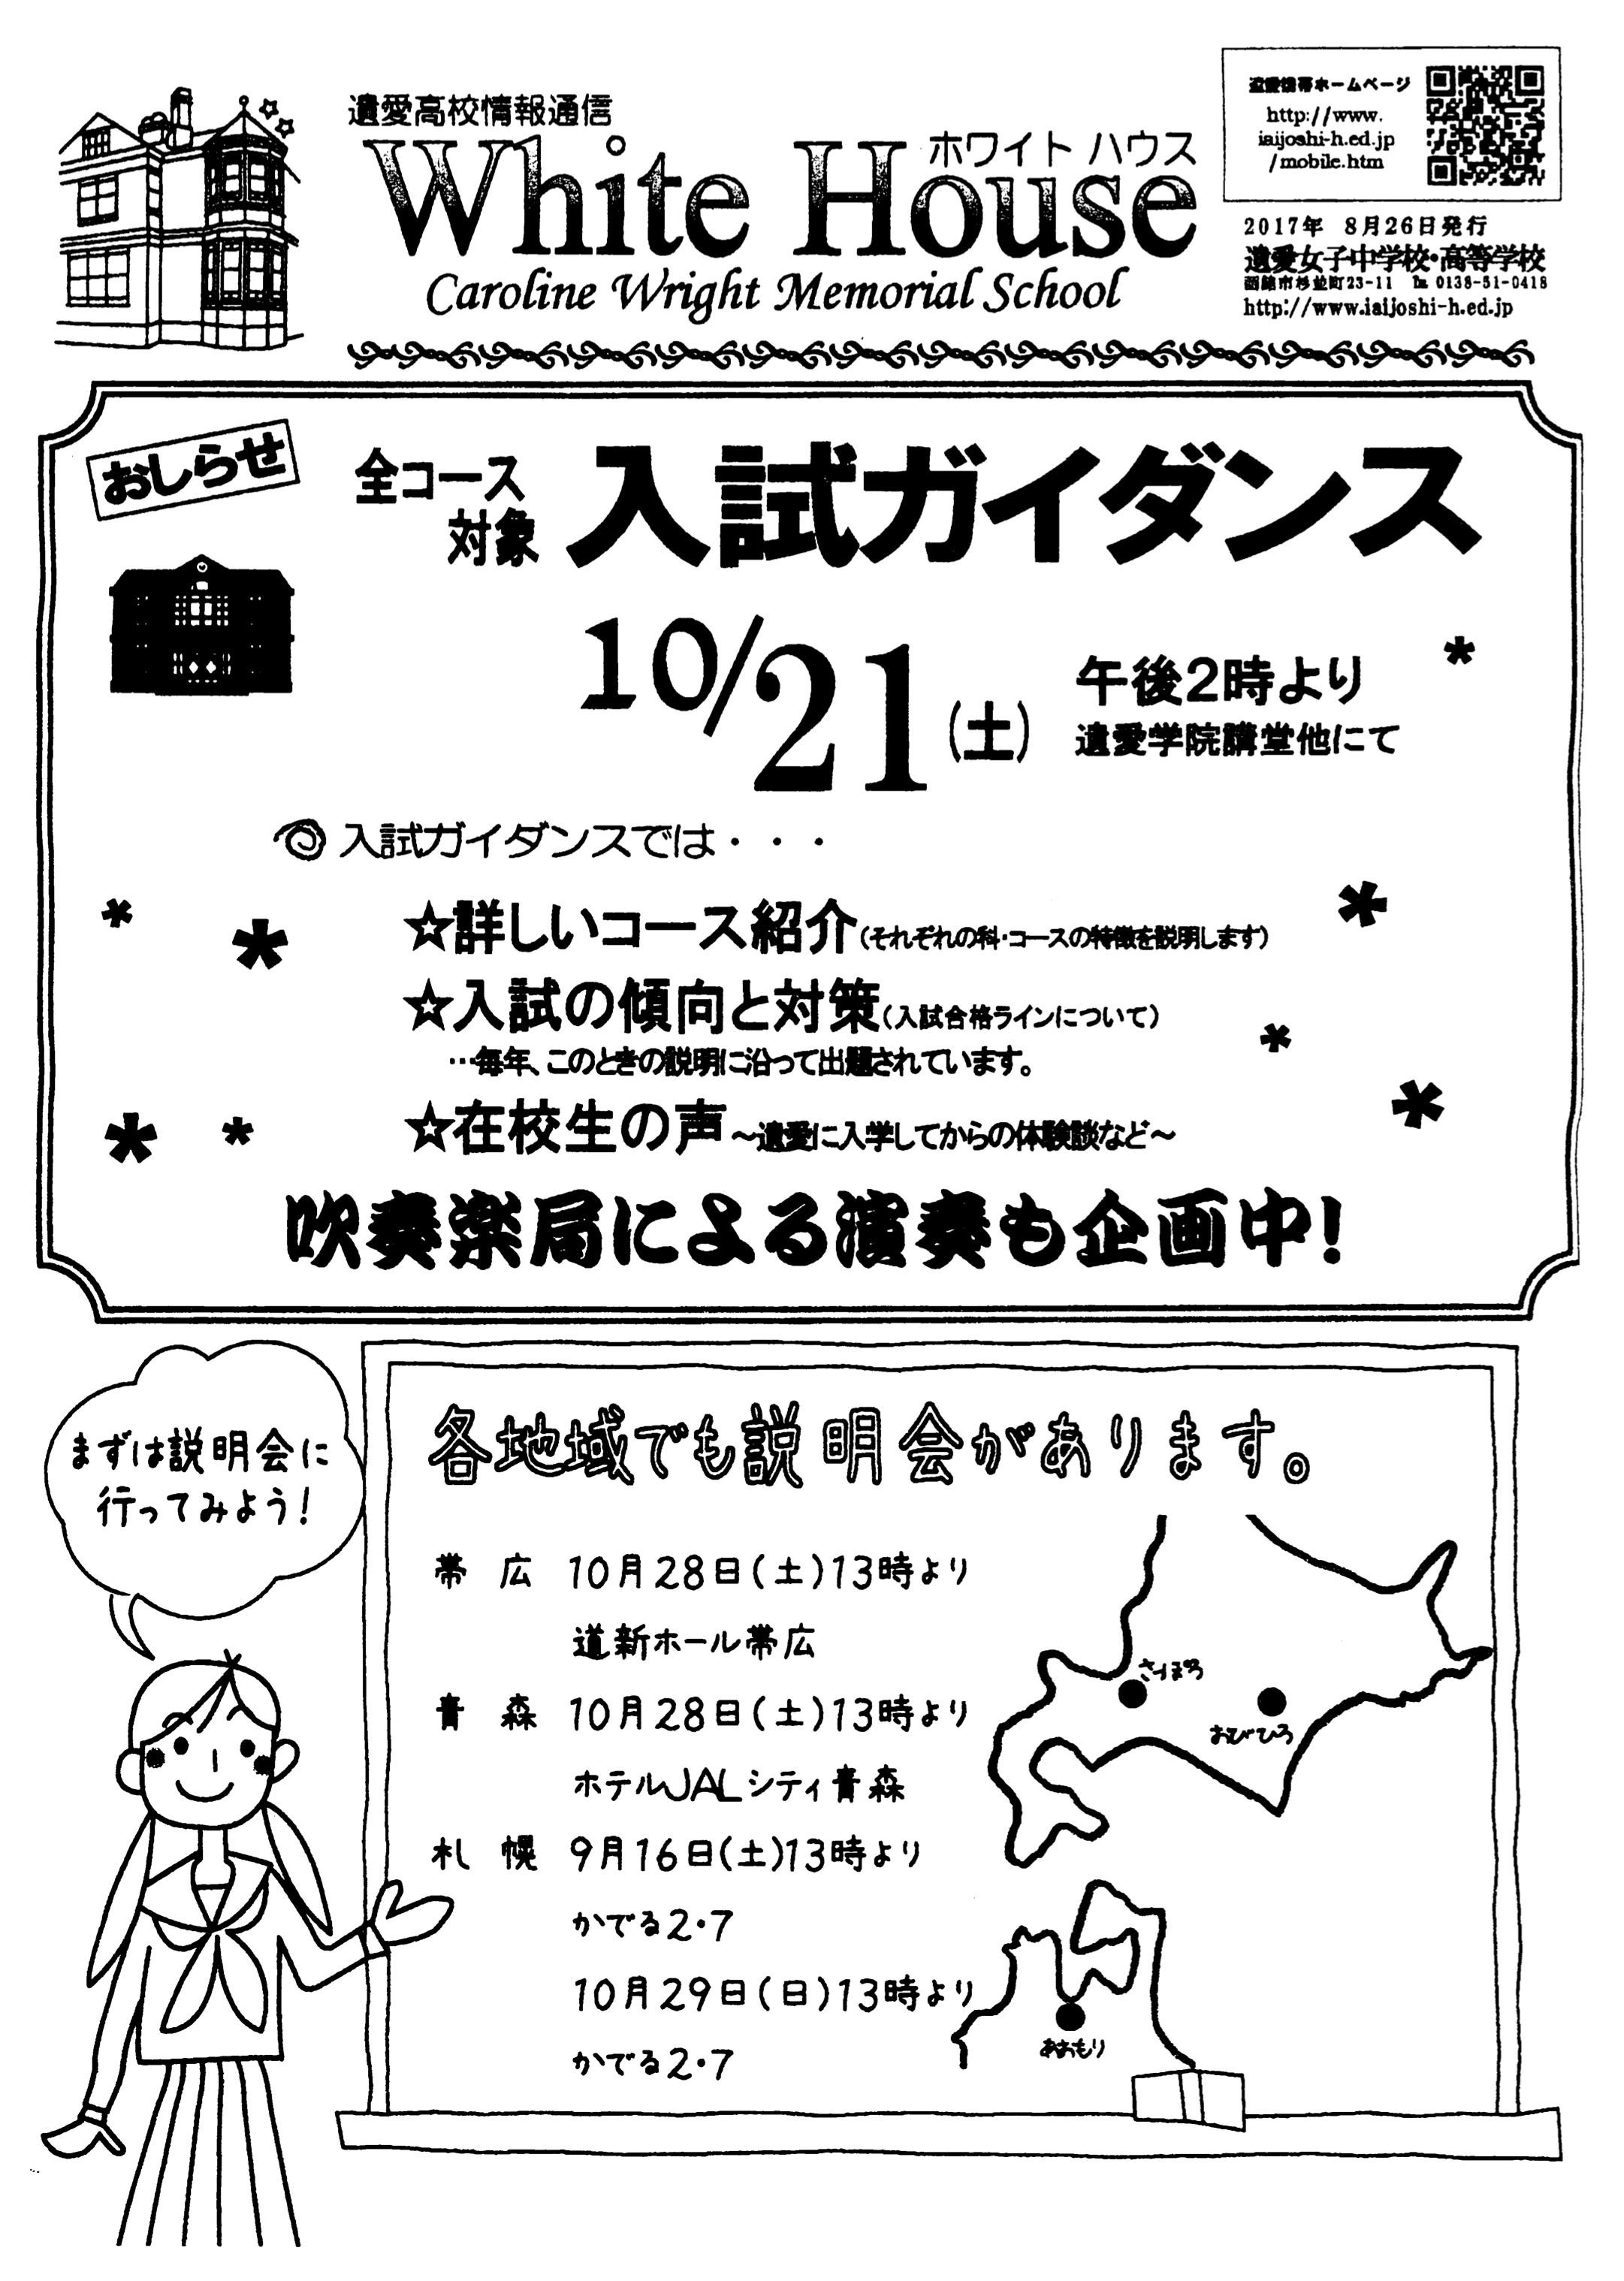 入試ガイダンス2017